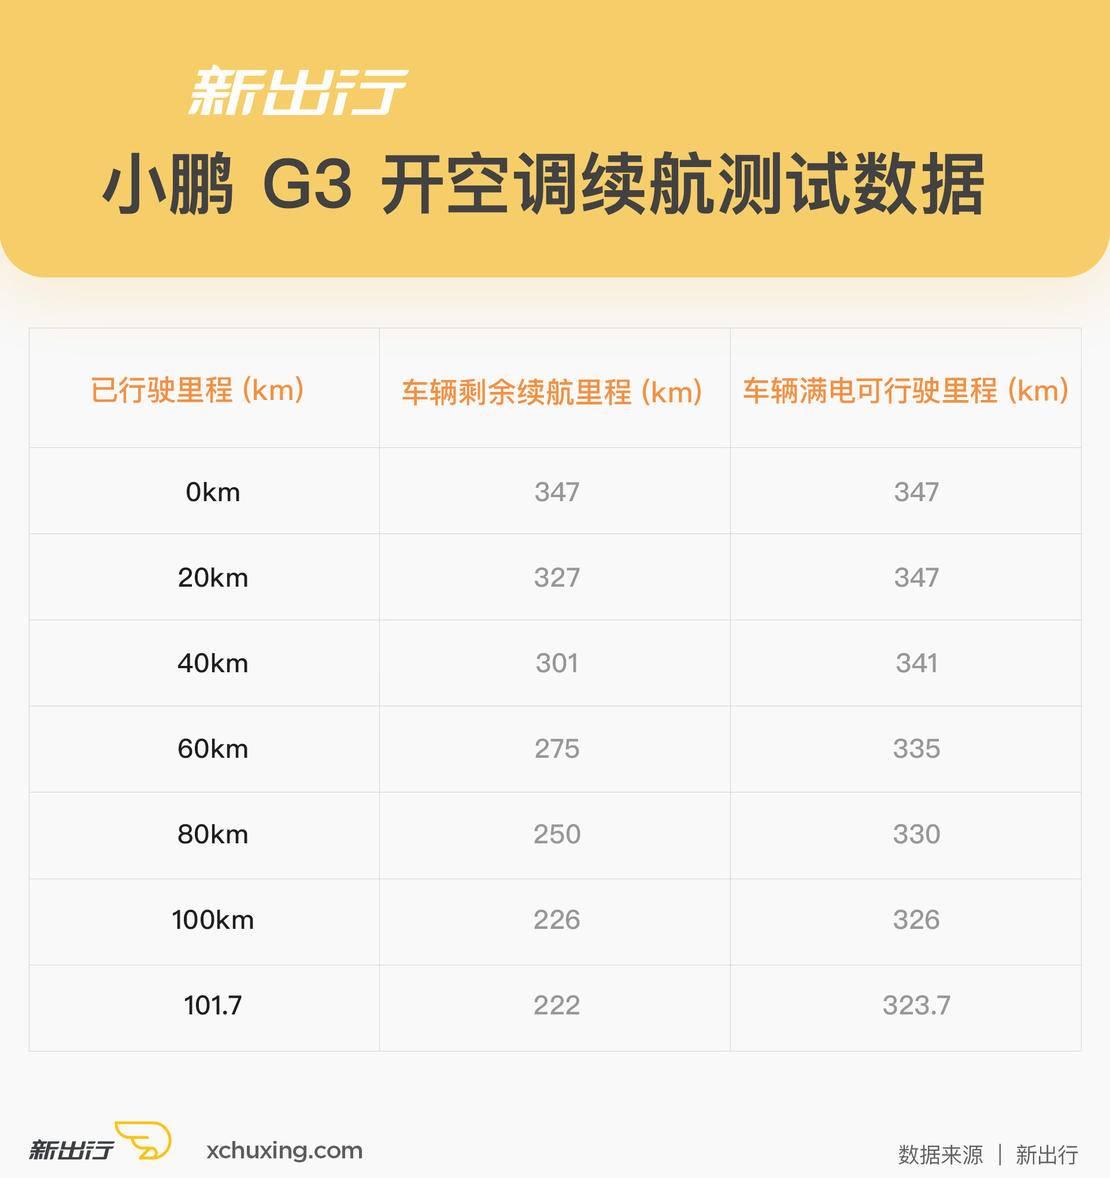 小鹏-G3-开空调续航测试表.jpg